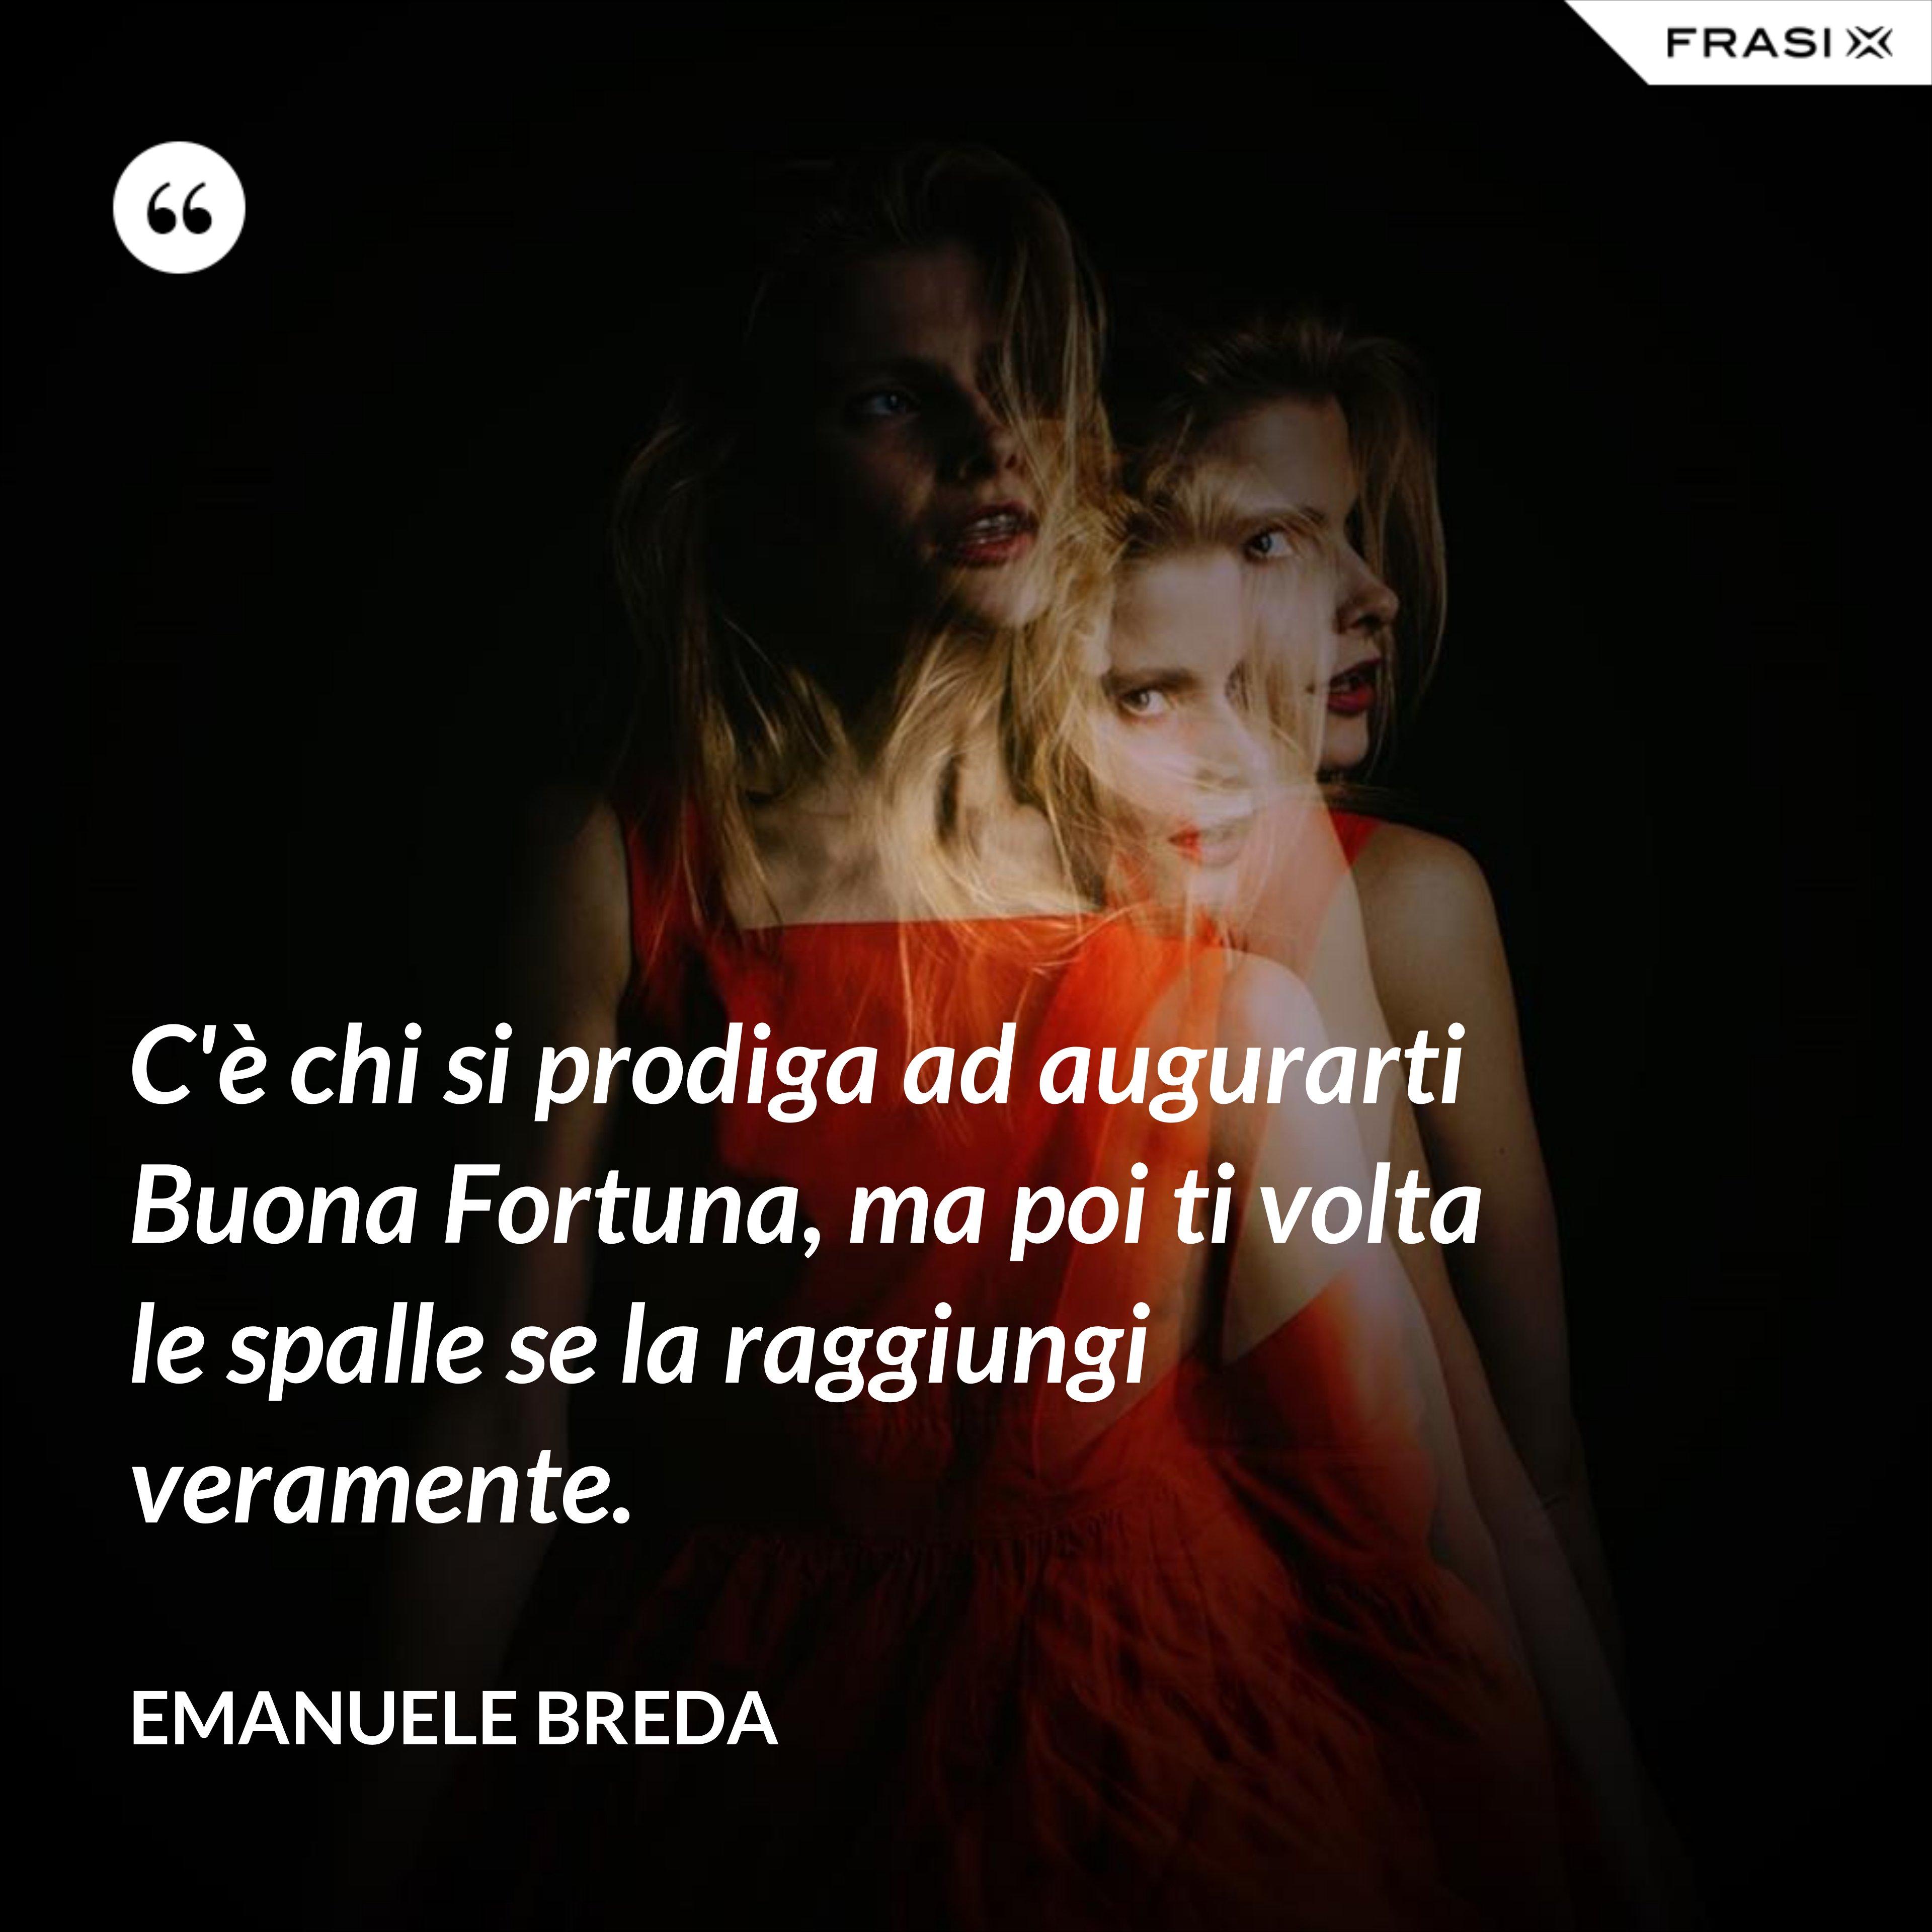 C'è chi si prodiga ad augurarti Buona Fortuna, ma poi ti volta le spalle se la raggiungi veramente. - Emanuele Breda